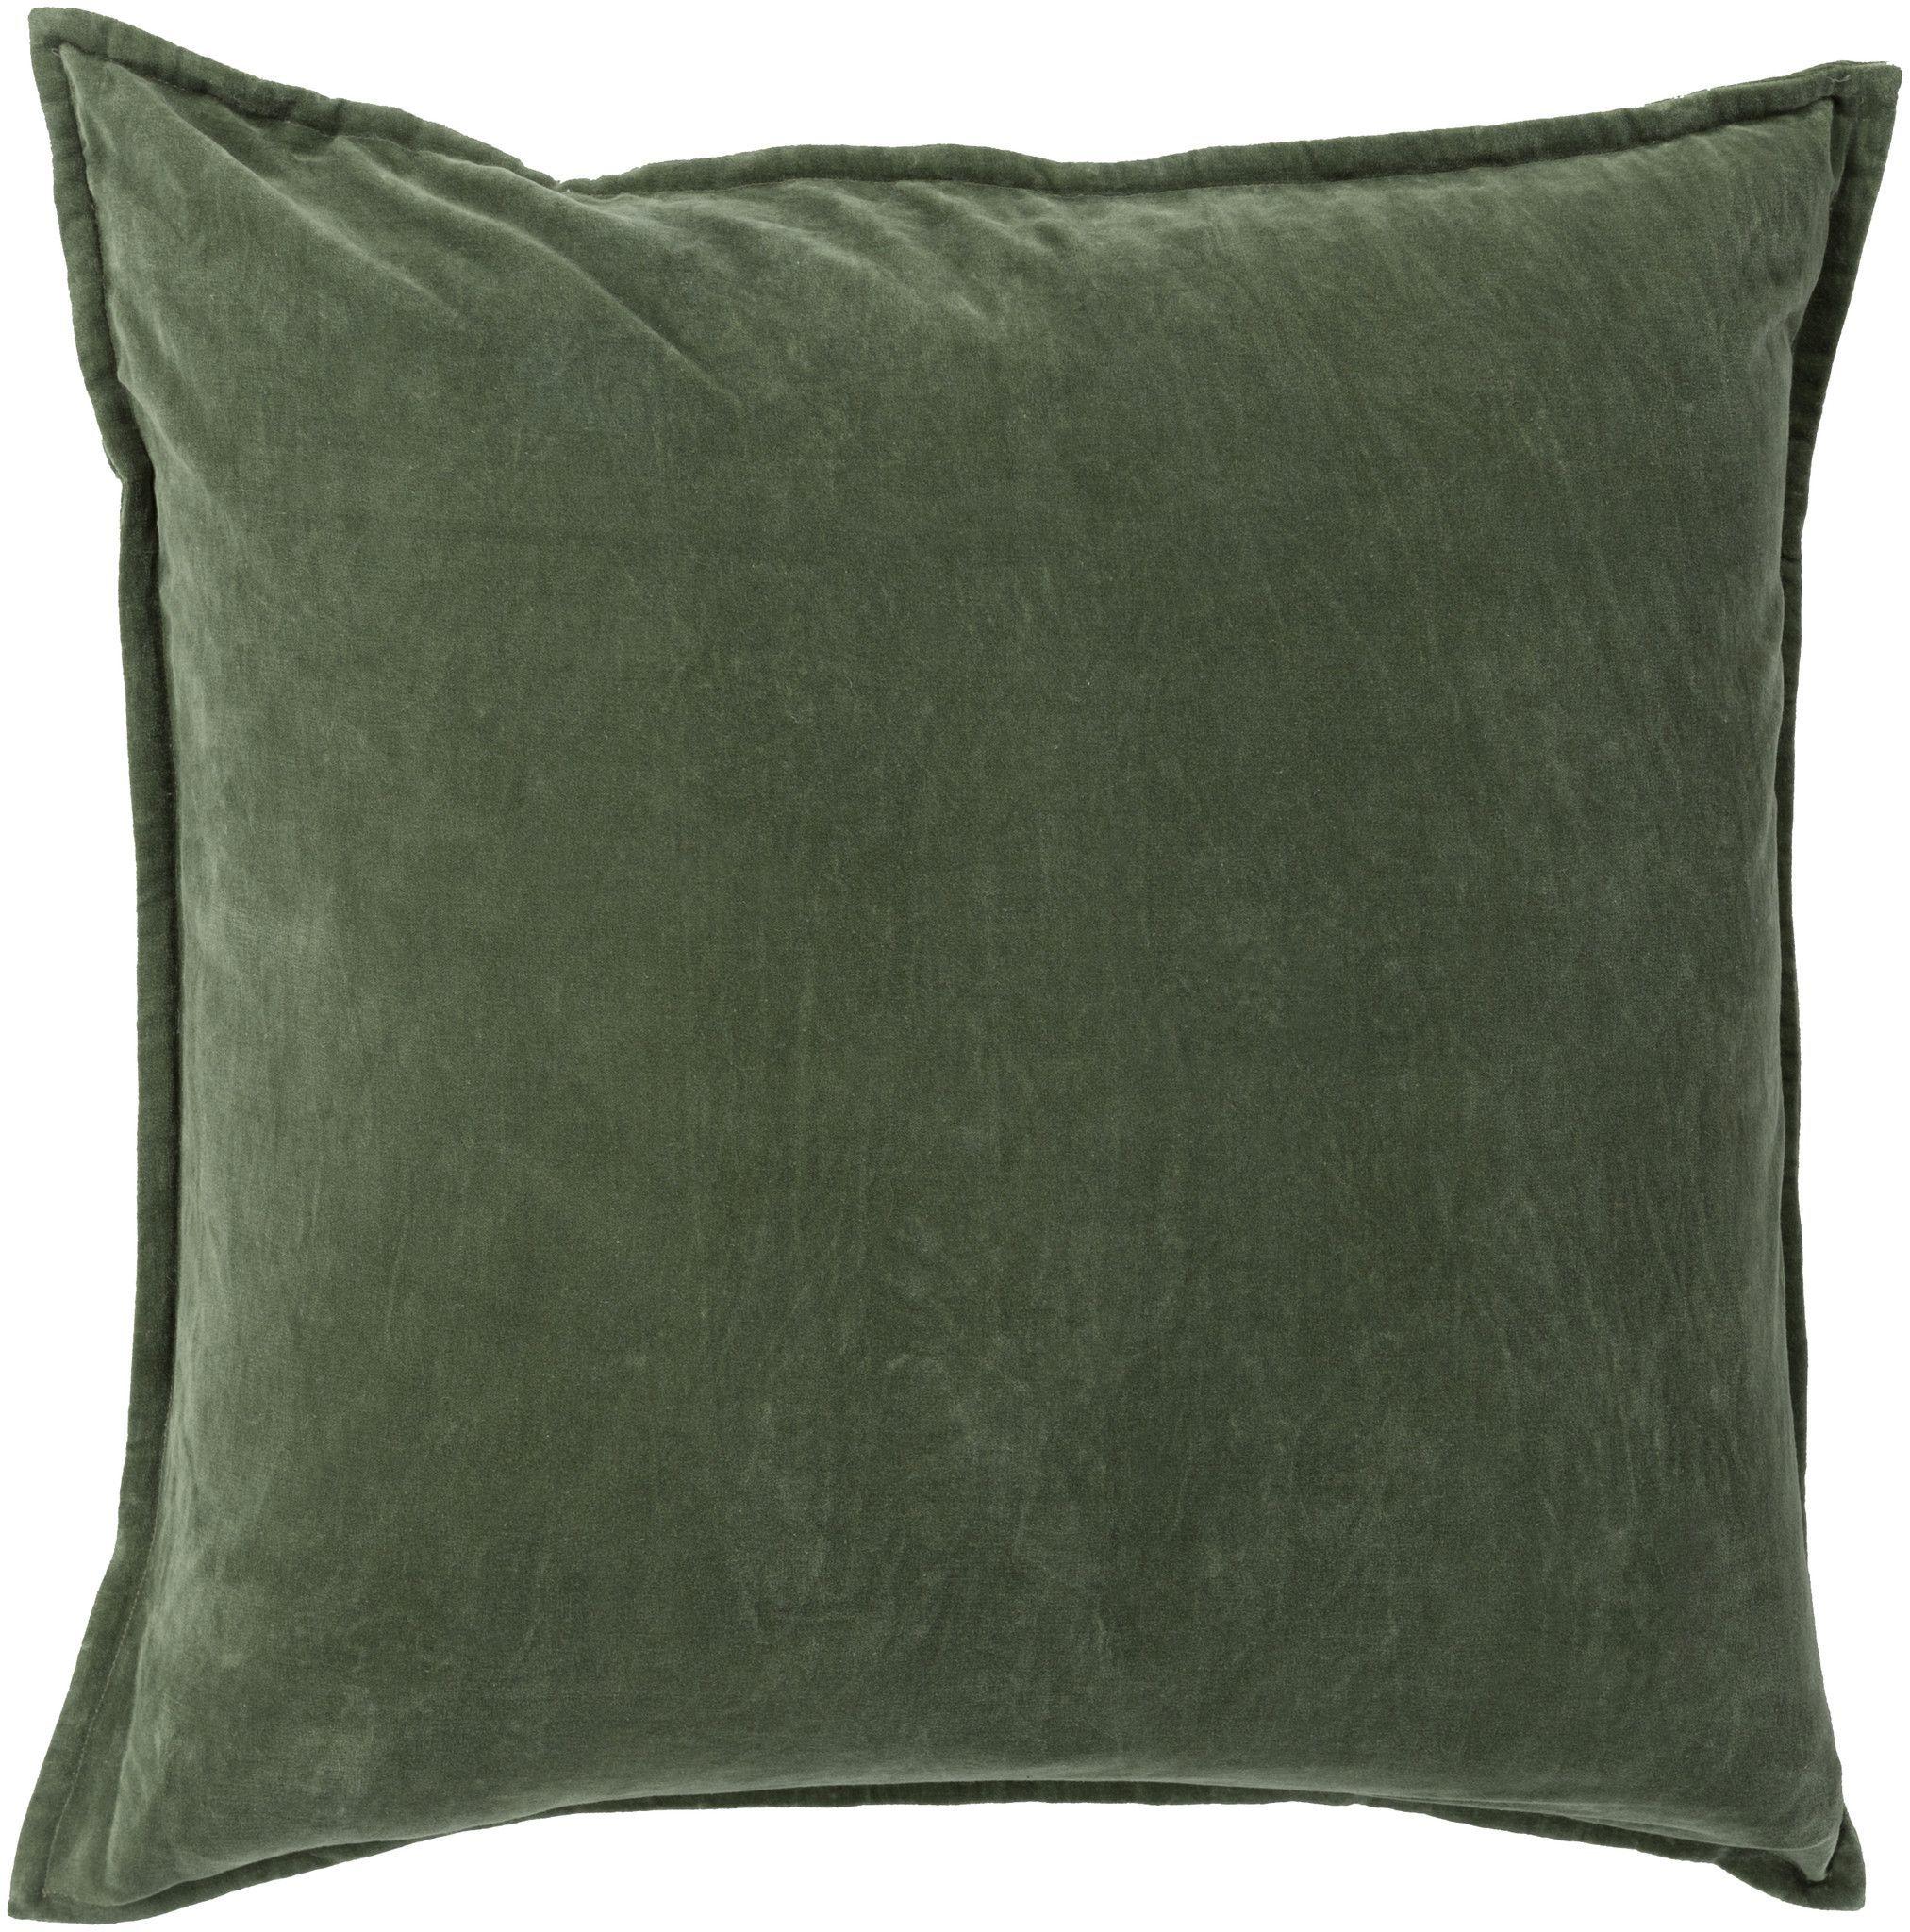 Cotton Velvet - 19 Colors Available